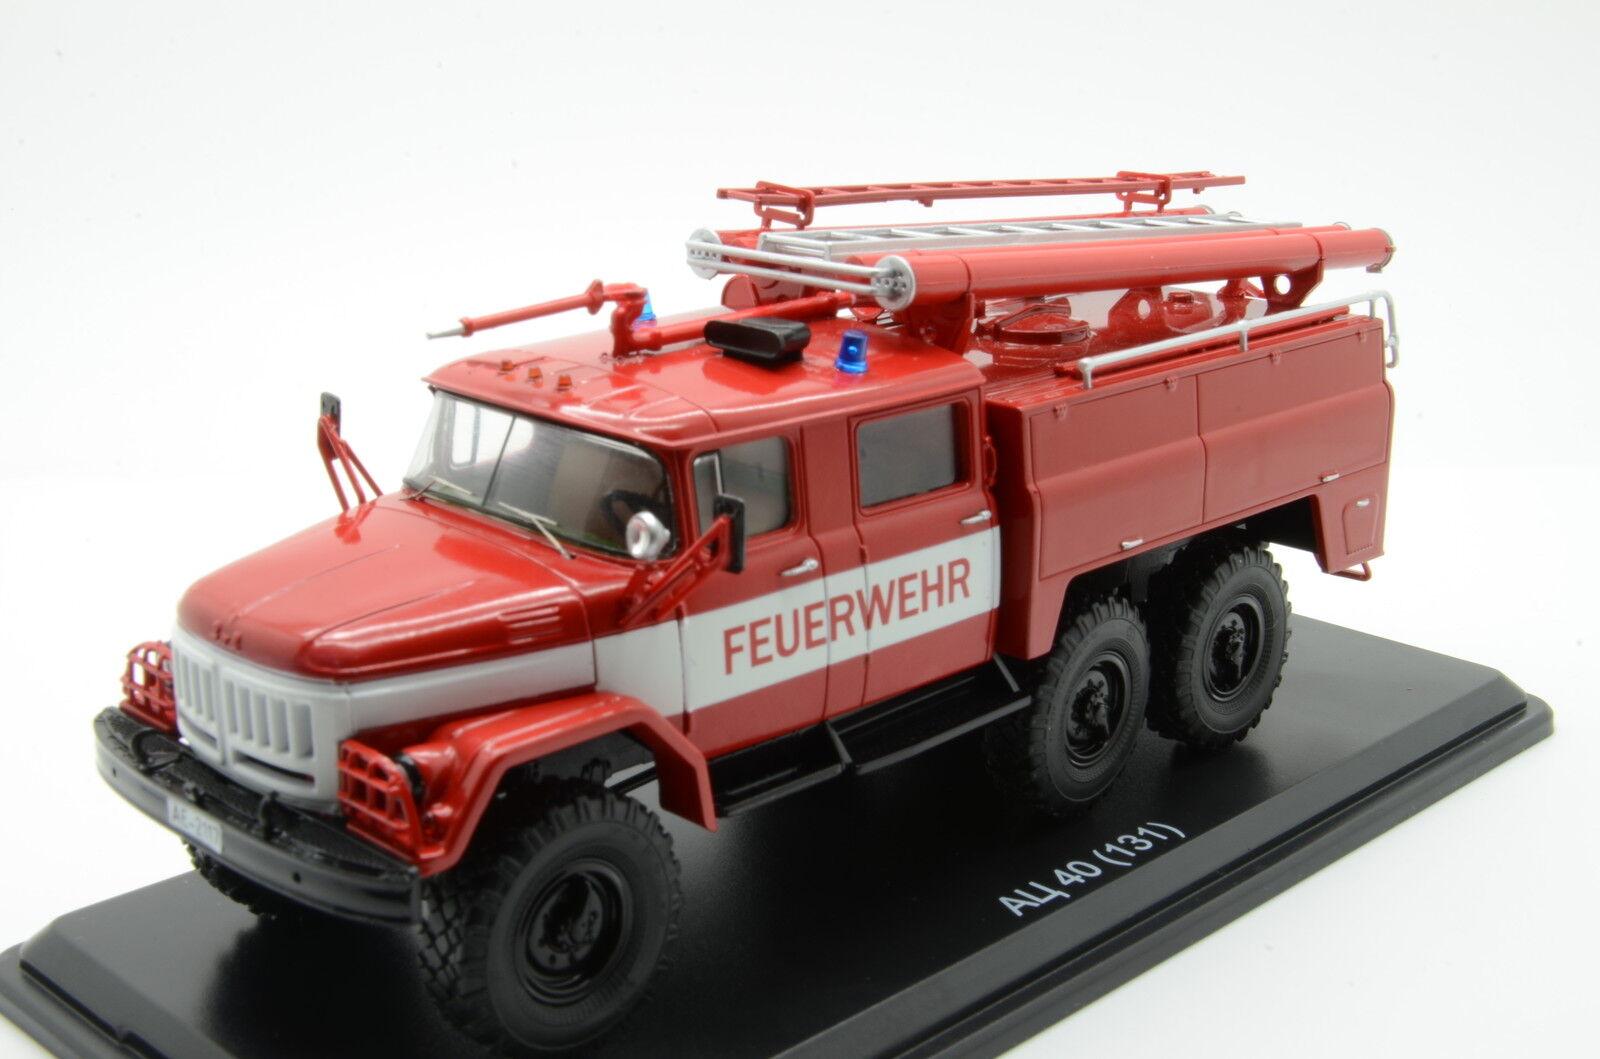 encuentra tu favorito aquí Muy RARO    ZIL ZIL ZIL 131 Atz-40 Feuerwehr camión de bomberos SSM Alemania USSR 1 43  connotación de lujo discreta